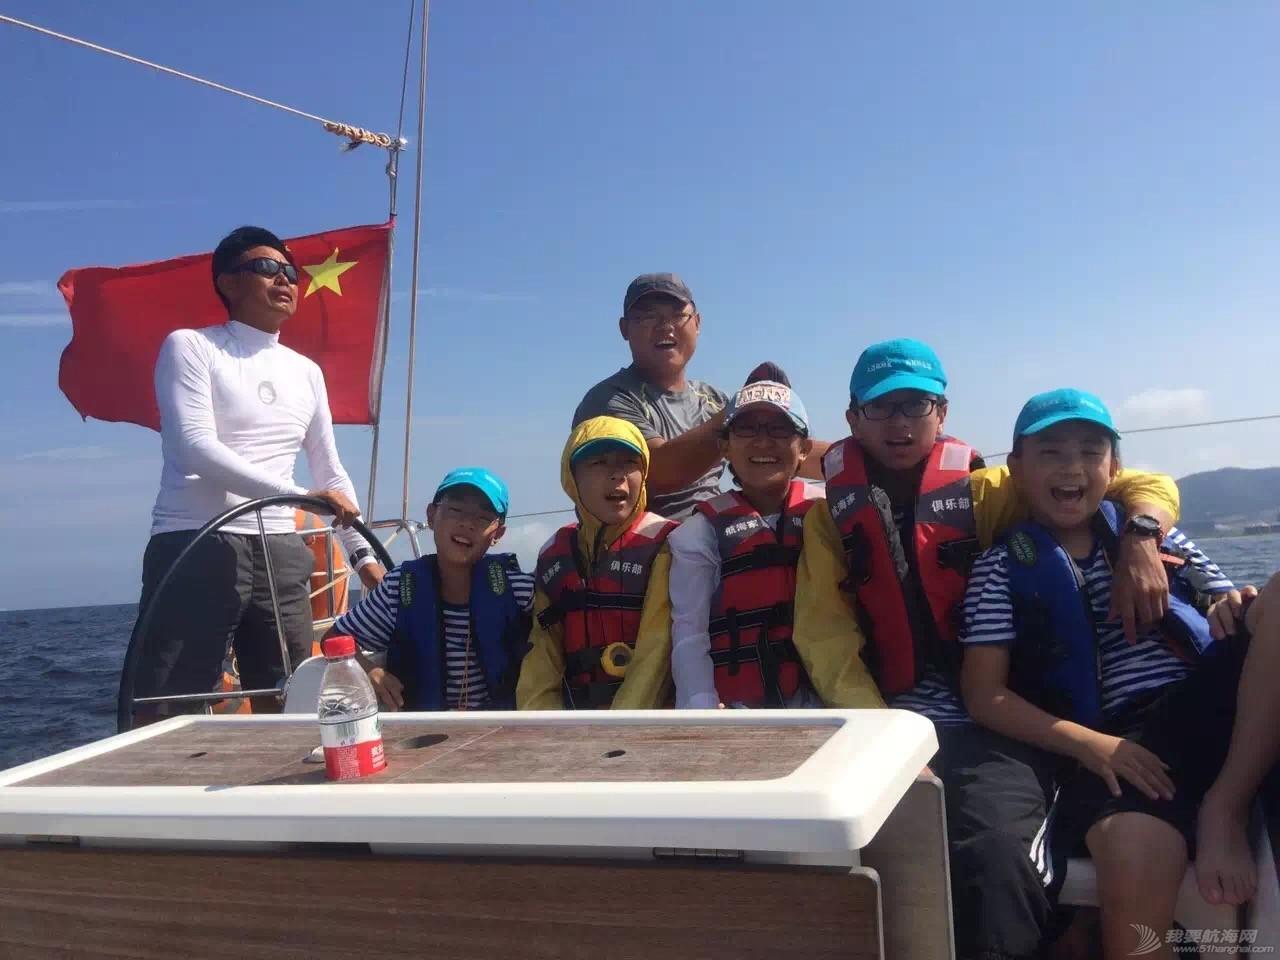 英文单词,大航海时代,团队协作,安全知识,体能训练 小小航海家精英成长计划 夏令营1.jpg